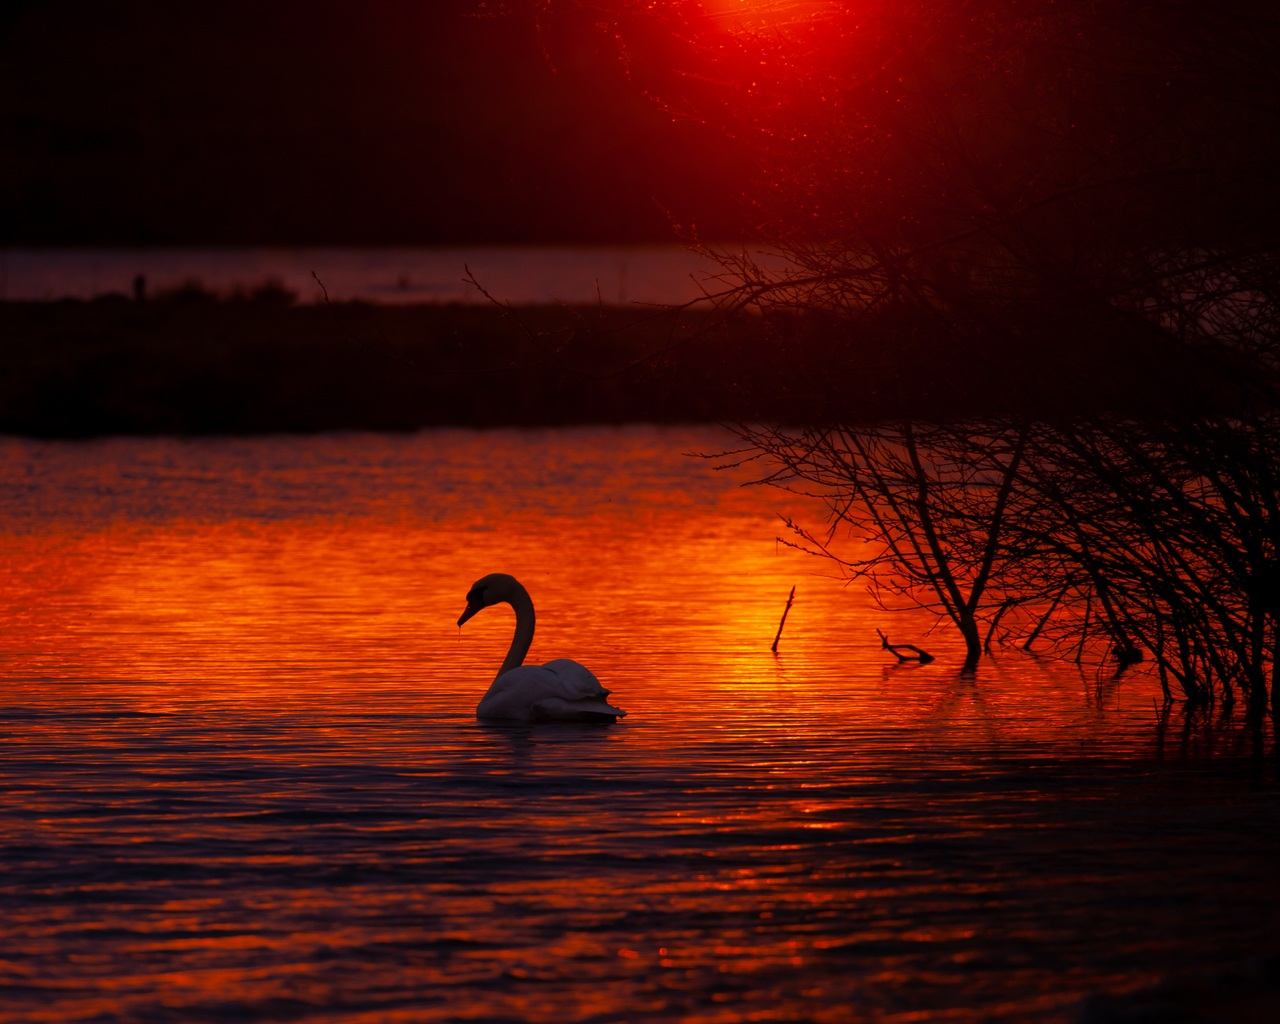 swan-bird-lake-5k-u0.jpg